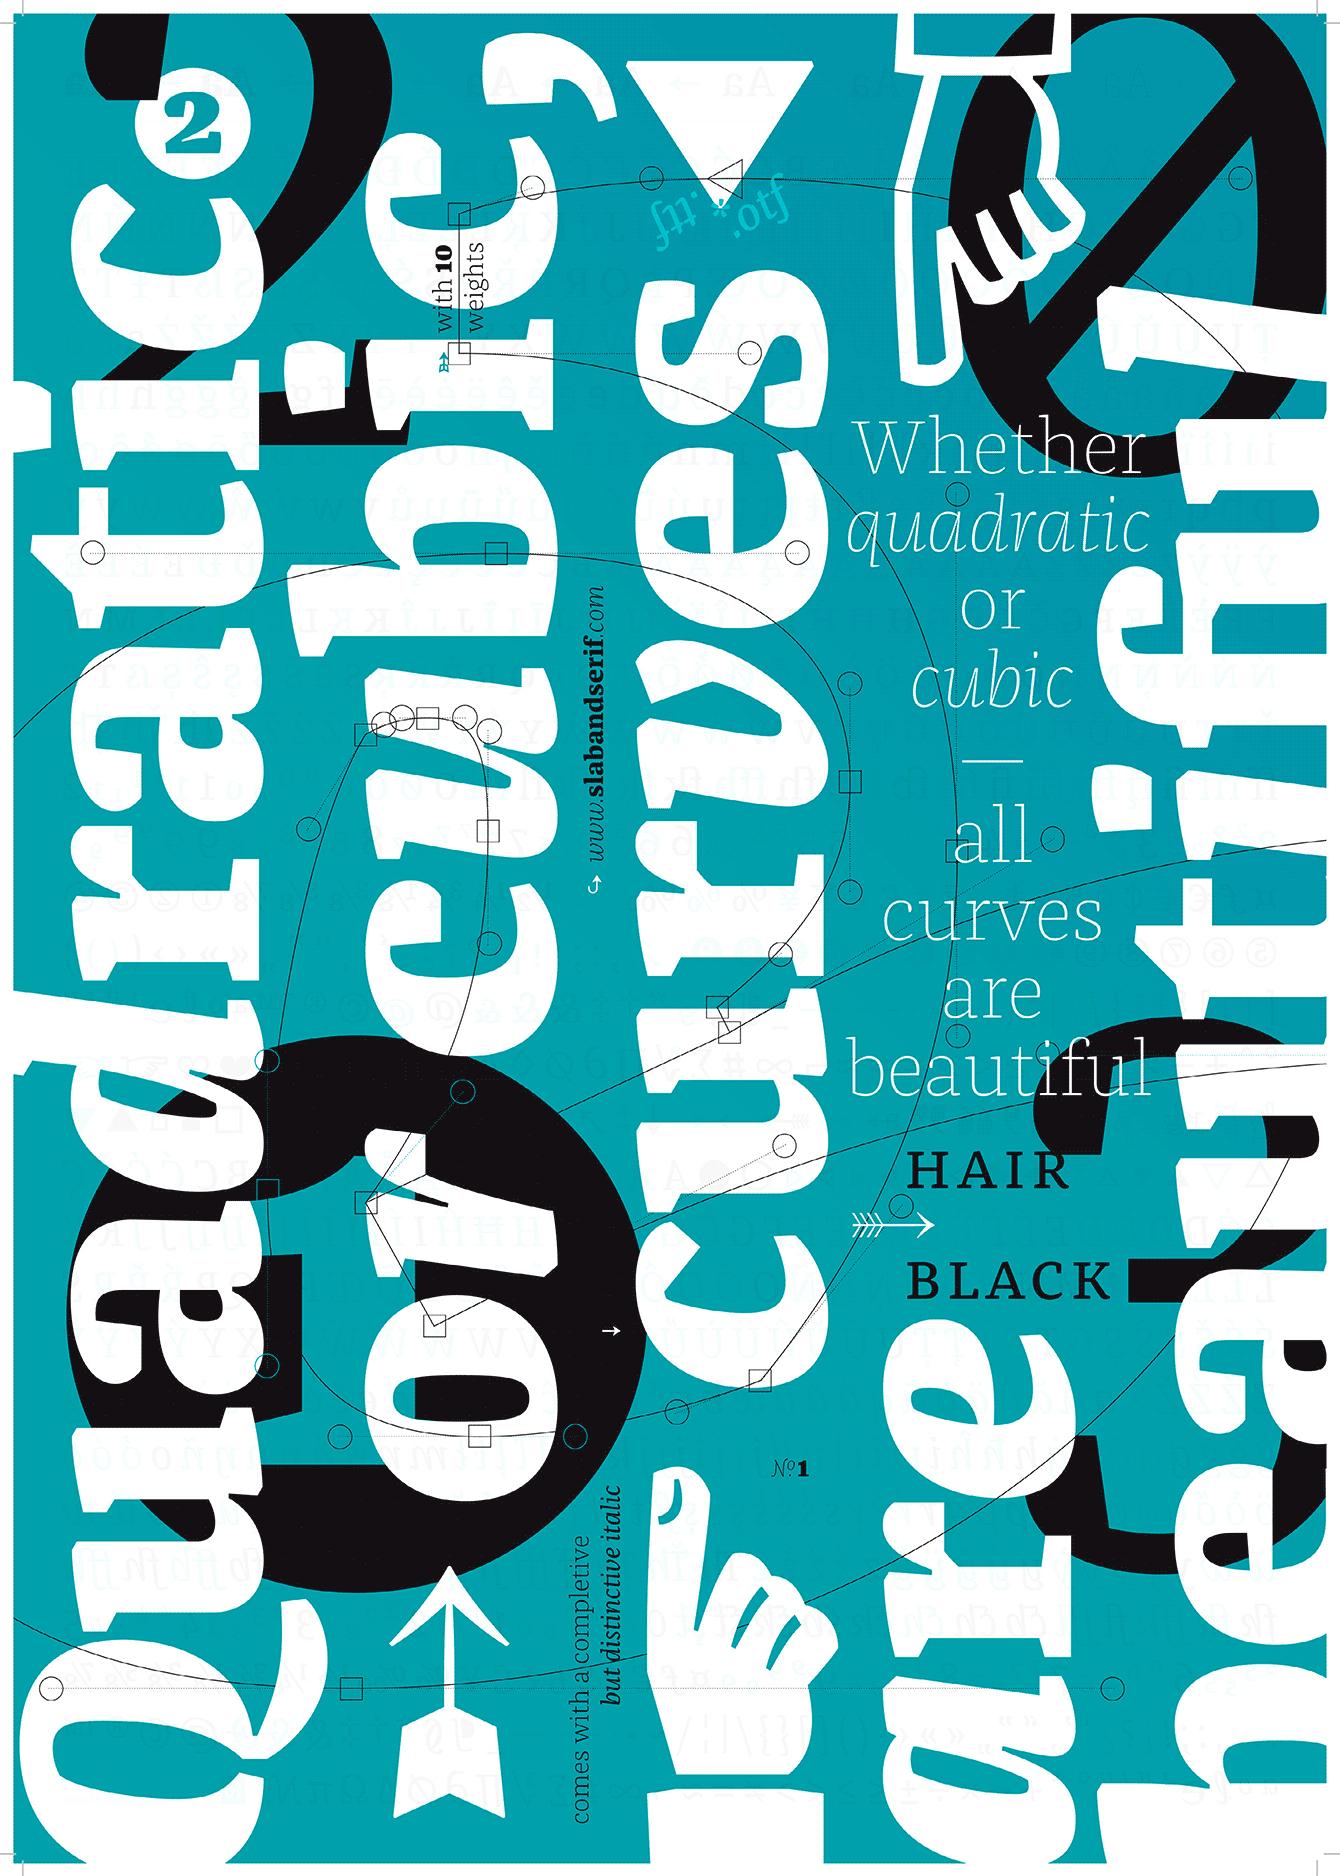 specimen, Booklet, Heft, Poster, plakat, Schriftmuster, pantone 3272, Offset, zweifarbig, Franziska, schrift, hybrid,dynamisch, statisch, serifenbetont, strichstärkenkonstrast, Type Design, Font, Serifen, Antiqua, Egyptienne, serif, Slab, serif, making, of, text, lesbar, Jakob, Runge, muthesius kunsthochschule